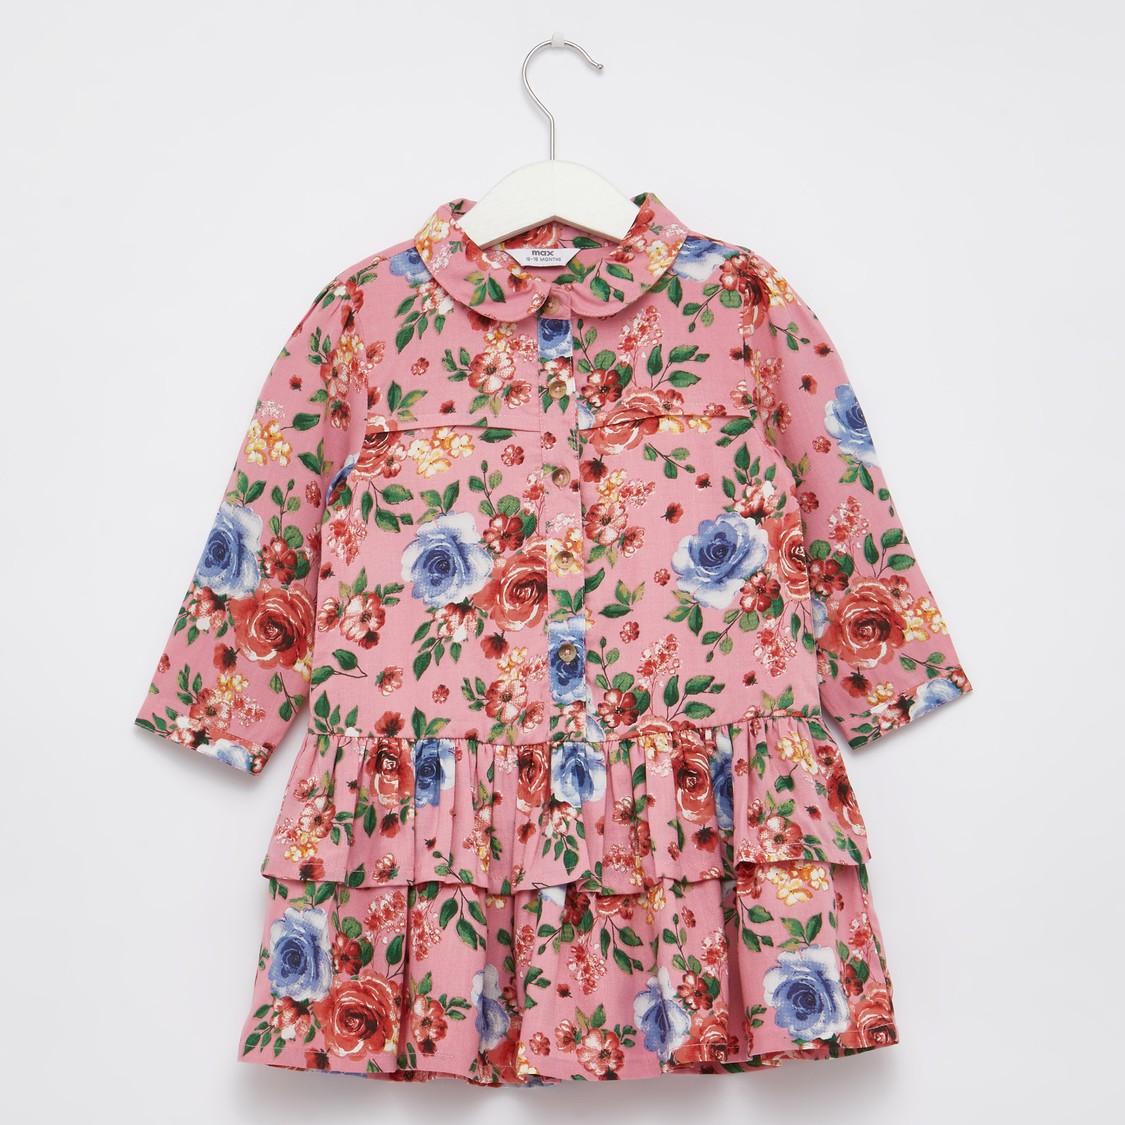 فستان بياقة عادية وطبعات أزهار مع أكمام طويلة وتفاصيل كشكشة